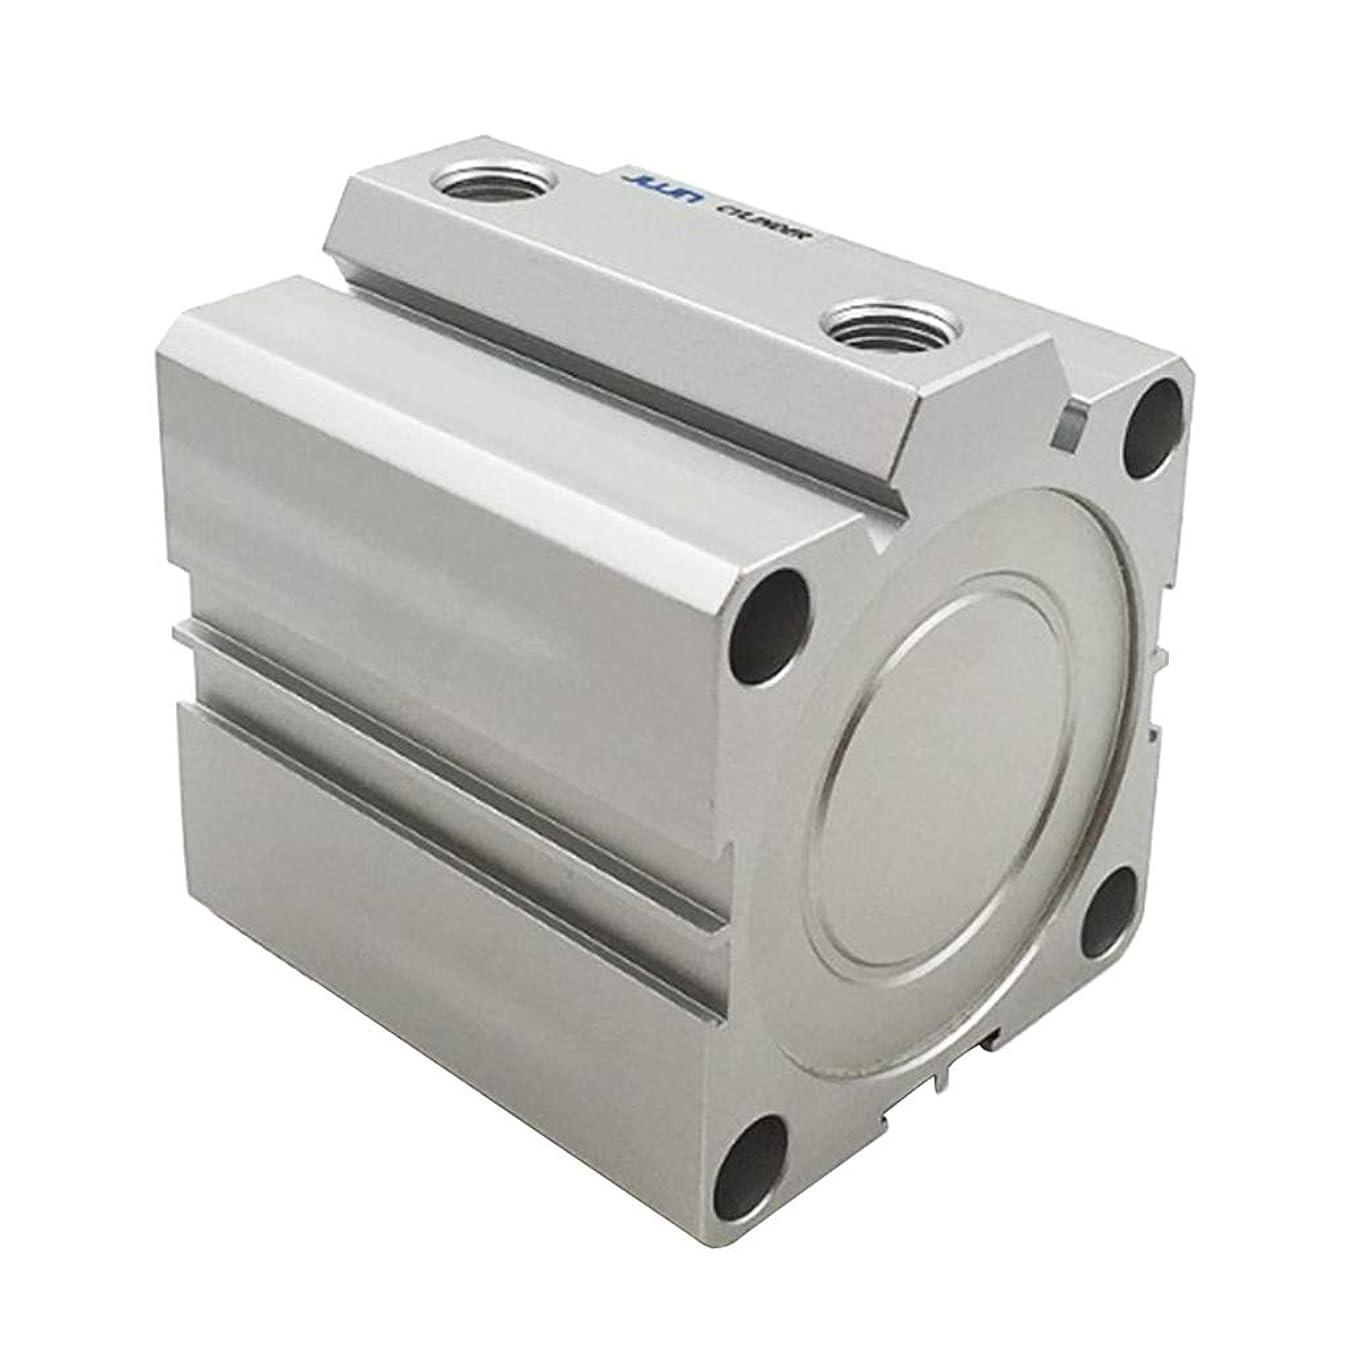 男やもめ証人ポータル複動形薄型エアシリンダ 複動形50mm内径 全14サイズ 置き換え - 60mmストローク